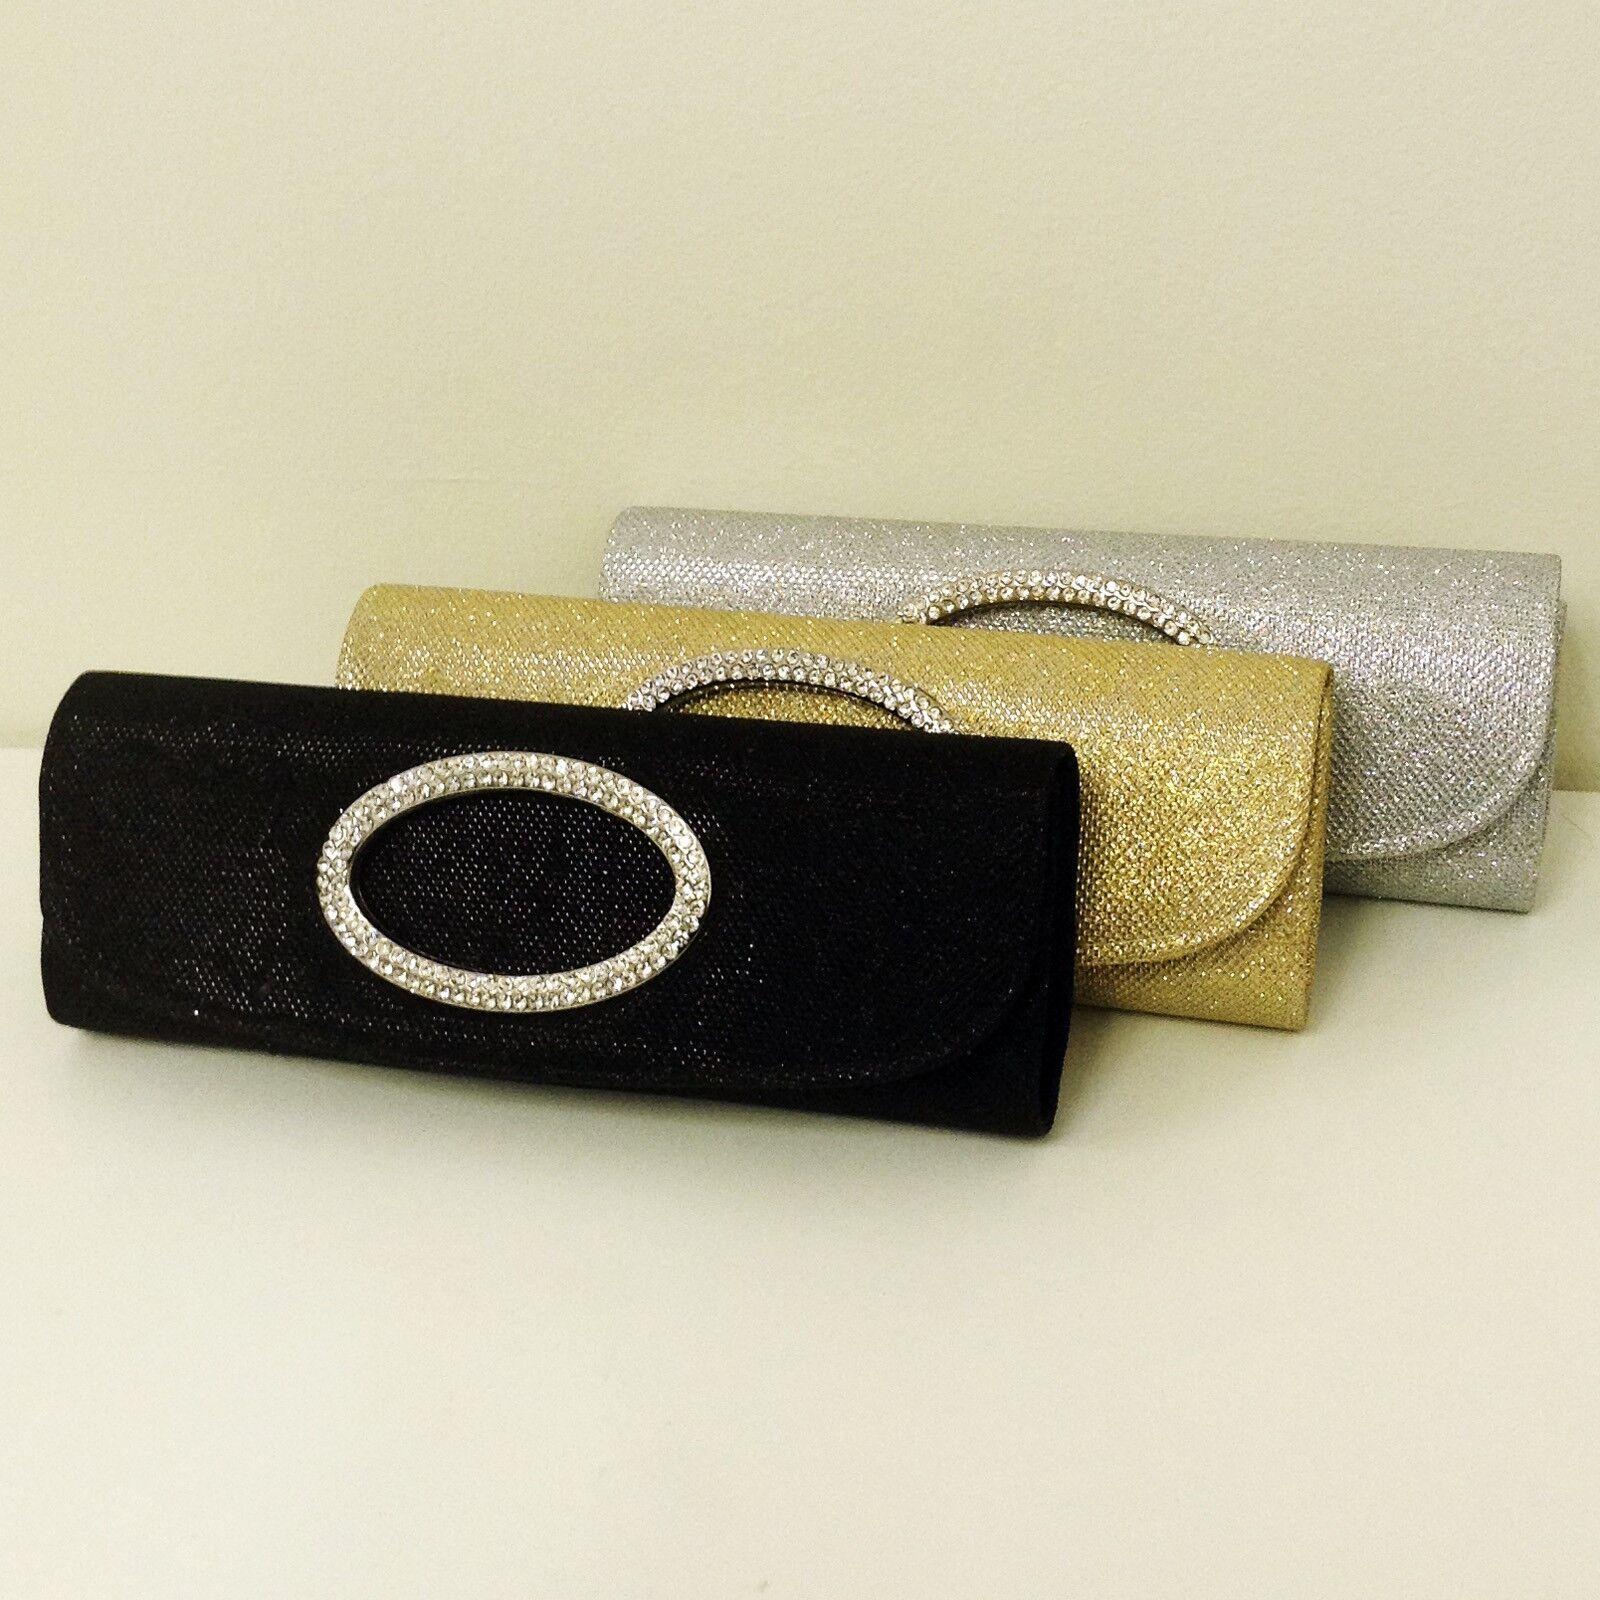 Evening Bag Clutch Chain Glitter Shimmer Rhinestone Wedding Party Club Hand Bag